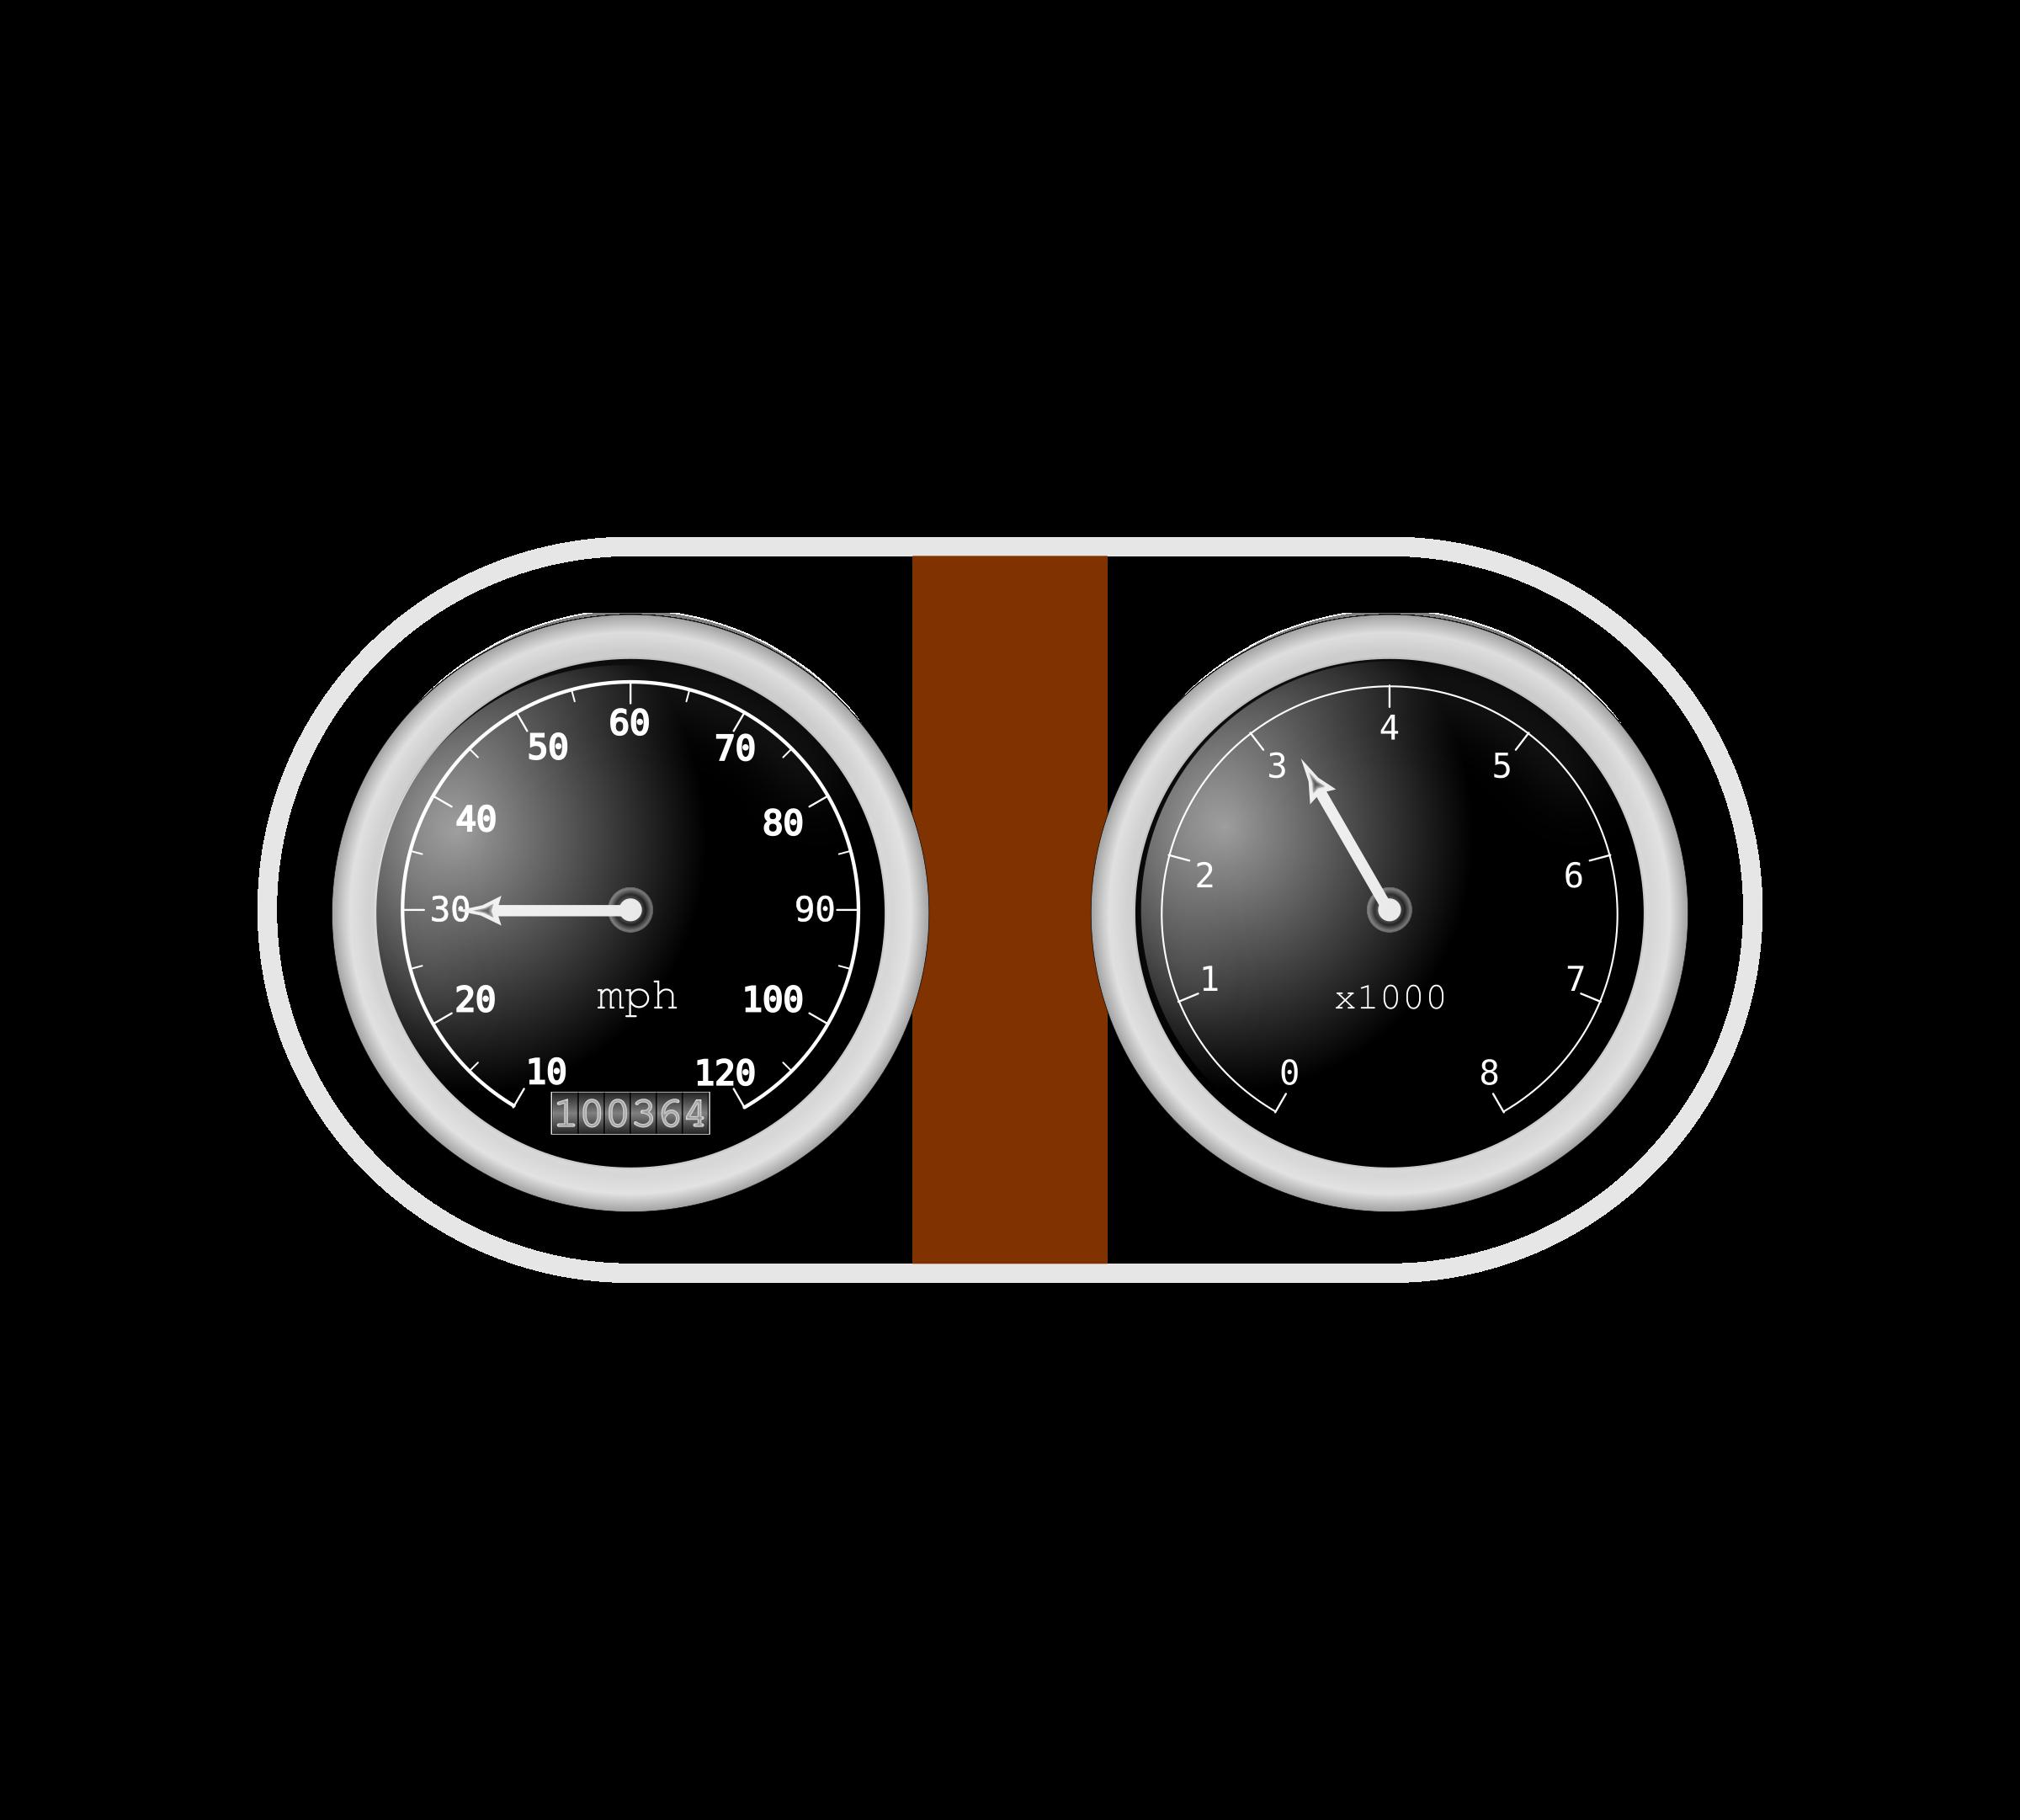 Car dashboard clipart jpg transparent Clipart - Car Dashboard jpg transparent